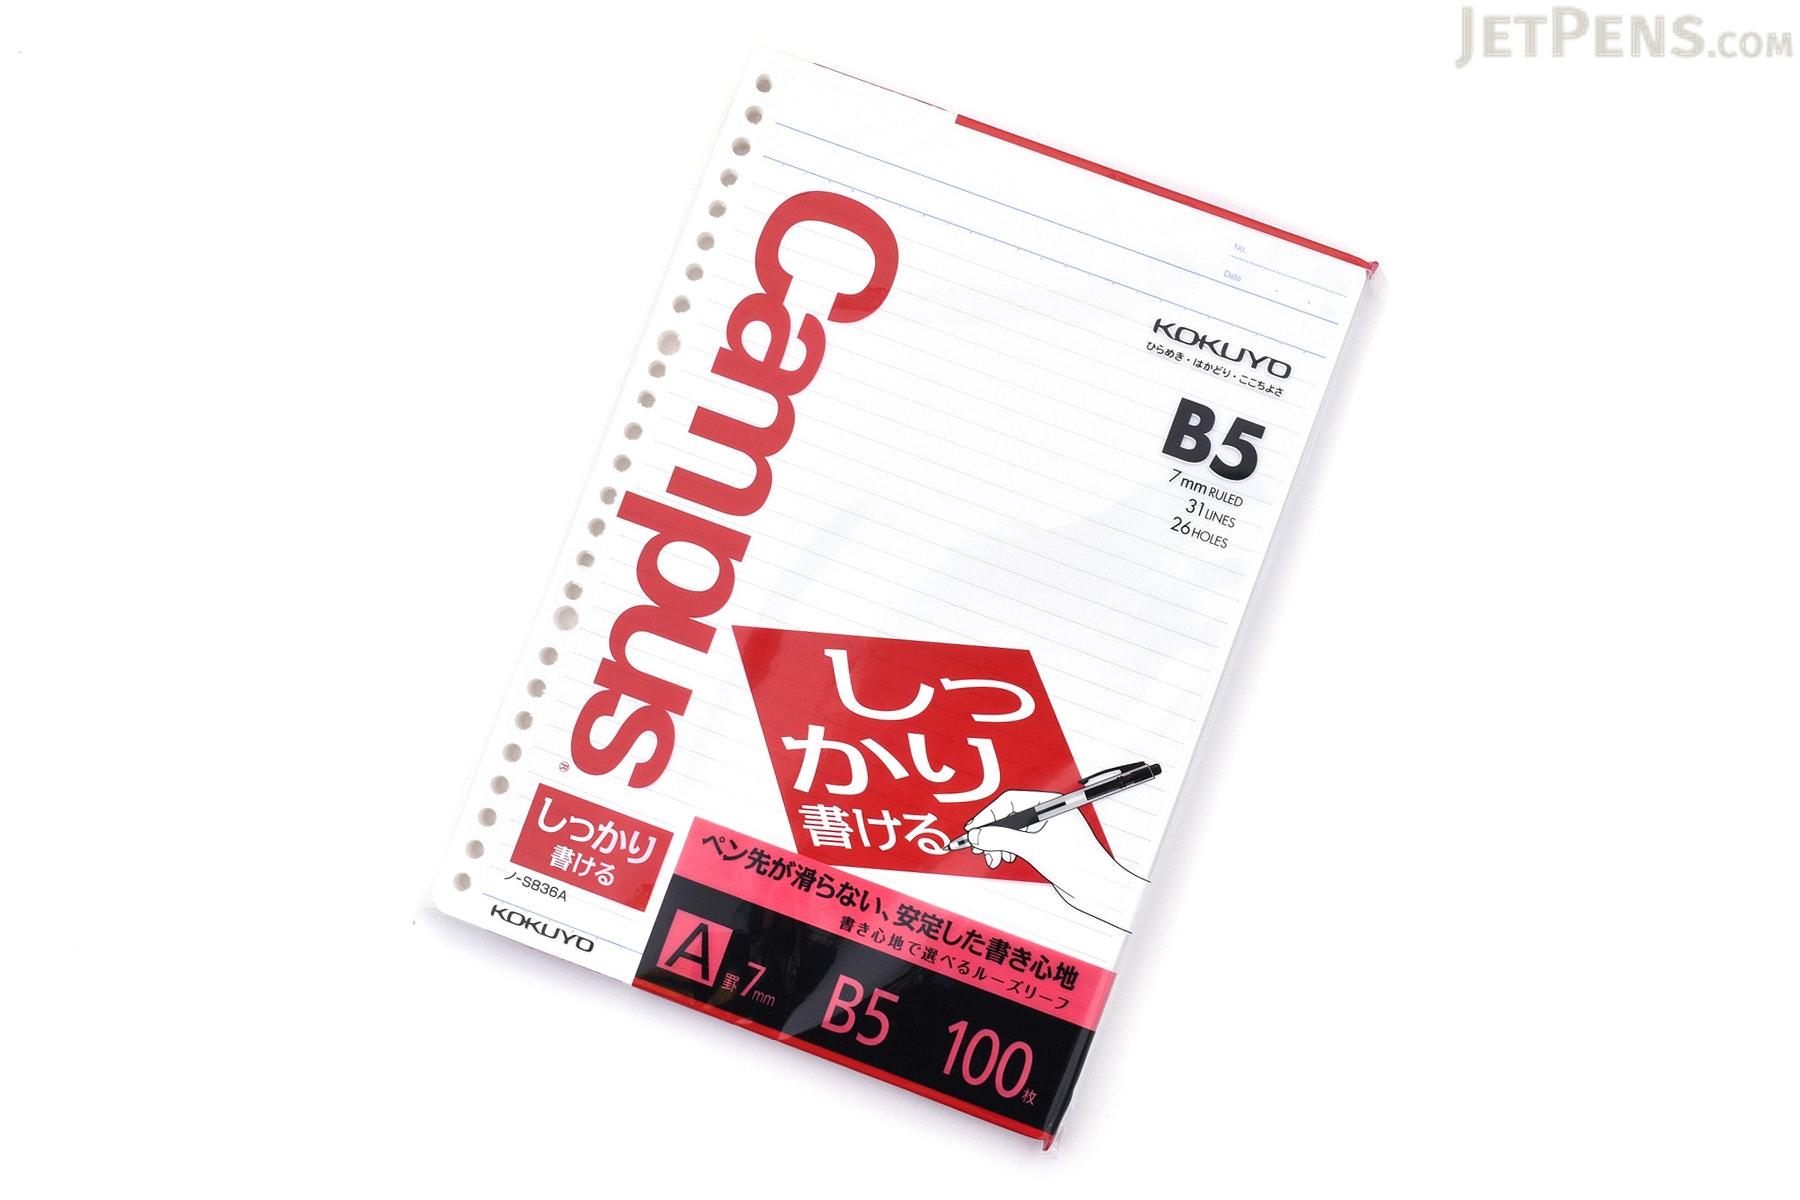 Kokuyo Campus Loose Leaf Paper - Shikkari - B5 - 7 mm Rule - 26 Holes - 100 Sheets - KOKUYO NO-S836A